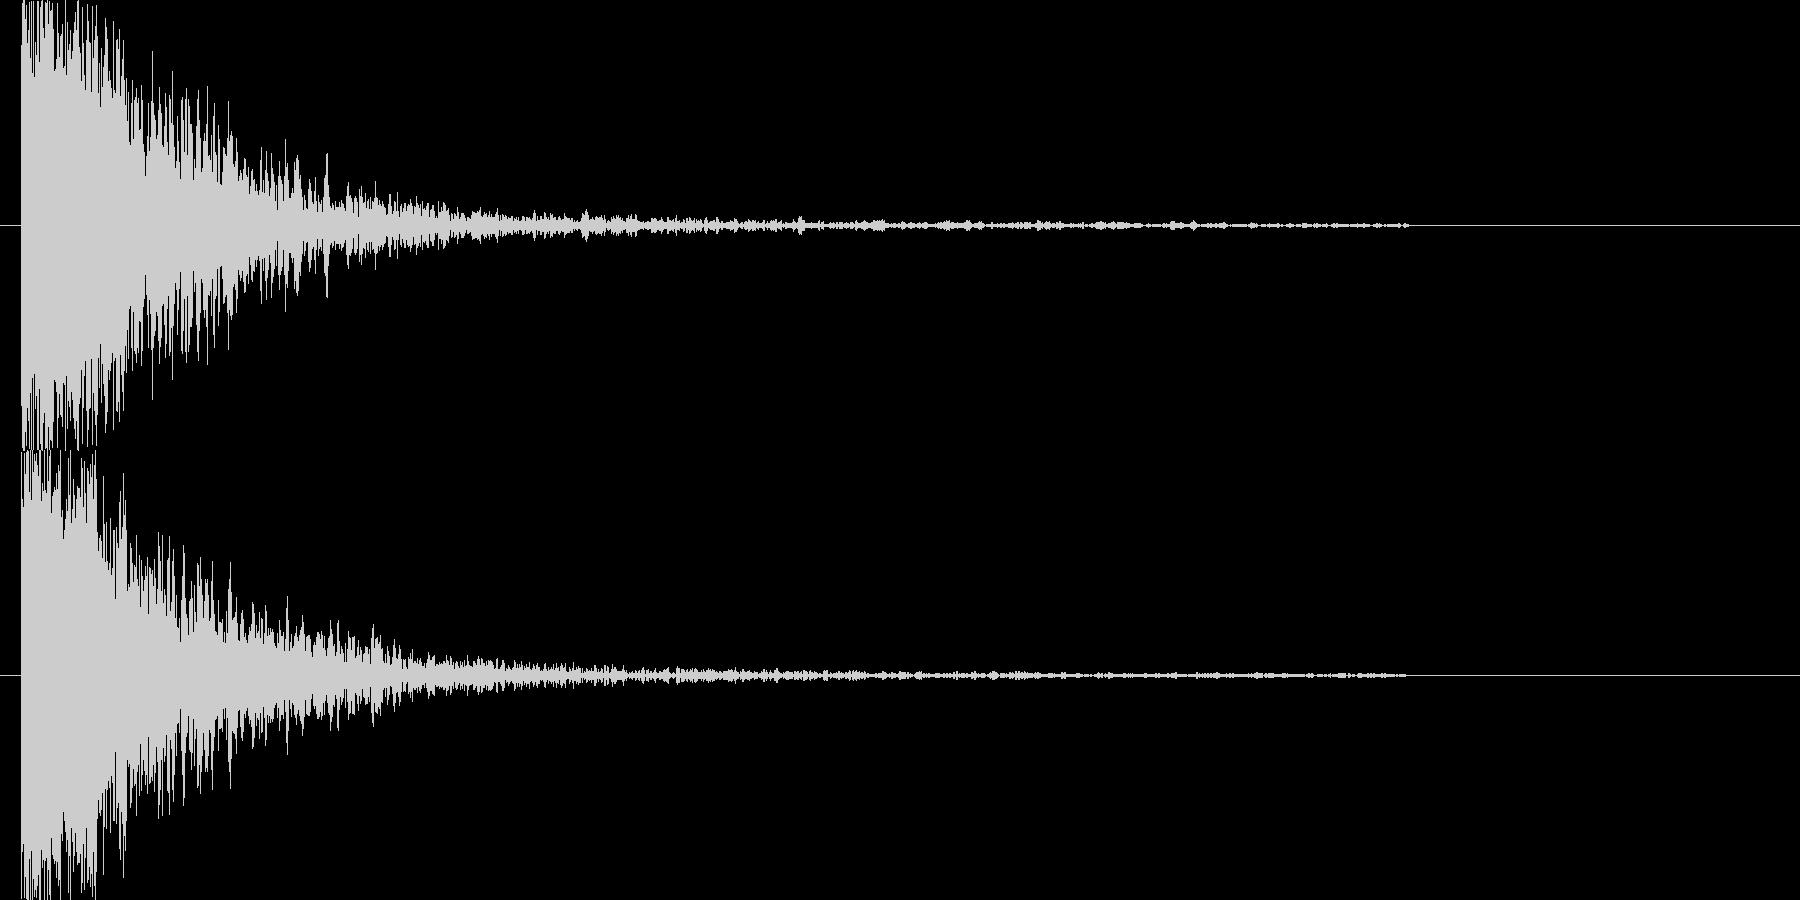 巨大な物体がすぐそばを通過していく音の未再生の波形